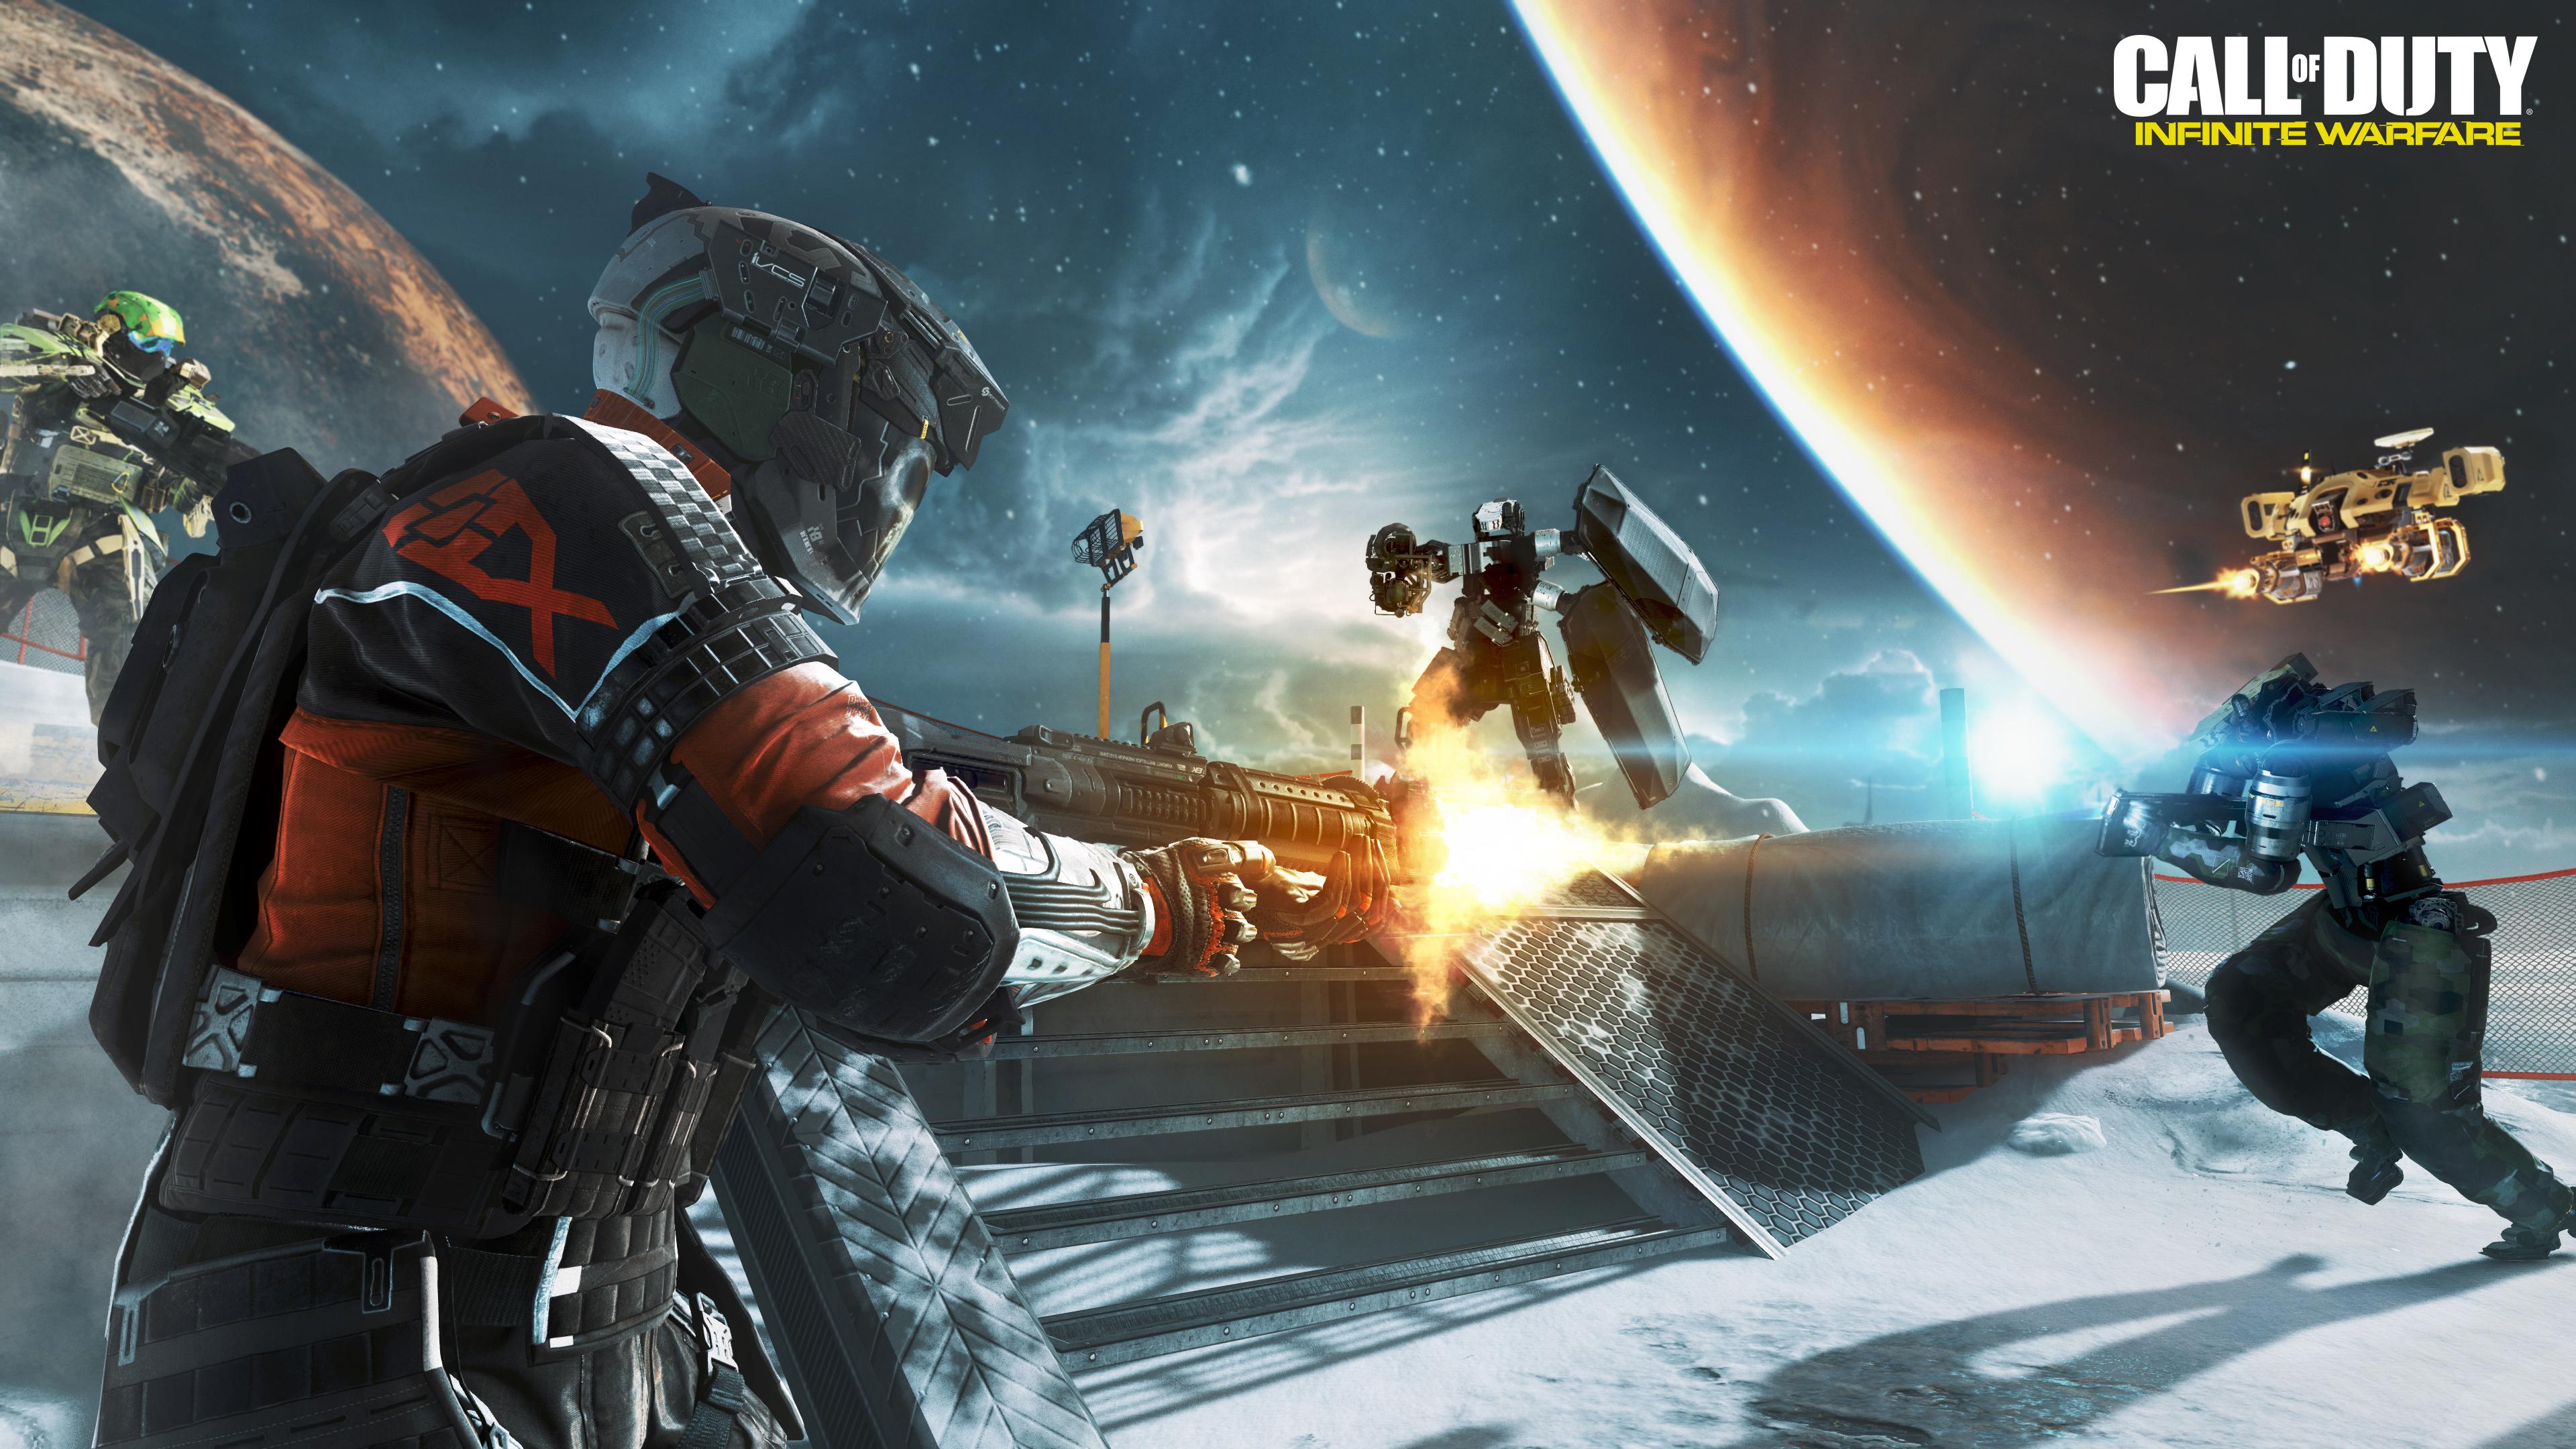 Call of Duty: Infinite Warfare - vše, co byste měli vědět, na jednom místě 130065